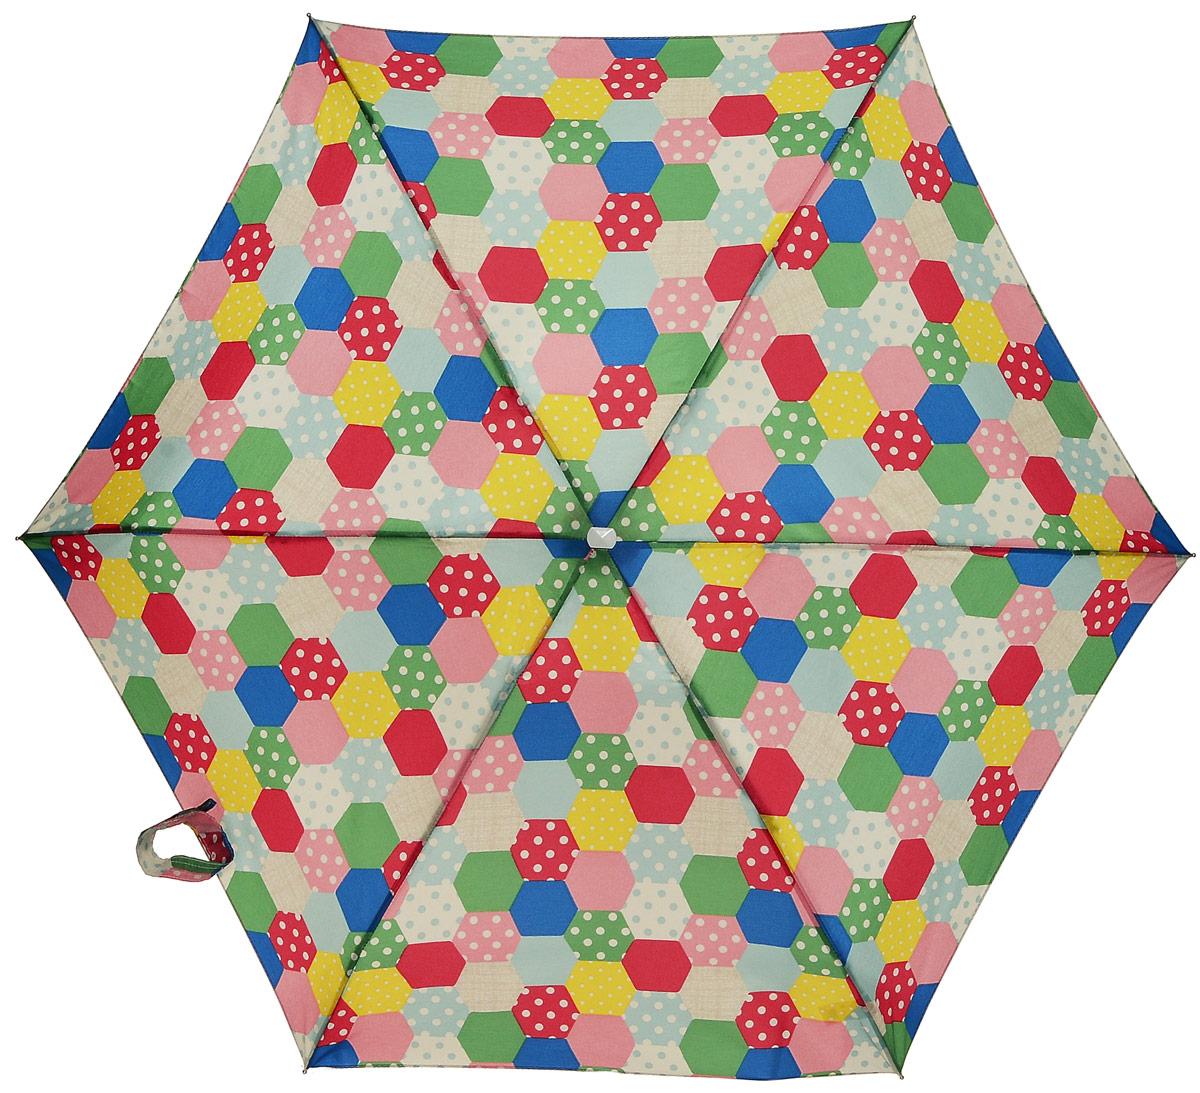 Зонт женский Fulton Cath Kidston, механический, 5 сложений, цвет: мультиколор. L521-2944REM12-CAM-GREENBLACKКомпактный женский зонт Fulton Cath Kidston выполнен из металла и пластика.Каркас зонта выполнен из шести спиц на прочном алюминиевом стержне. Купол зонта изготовлен из прочного полиэстера. Закрытый купол застегивается на хлястик с липучкой. Практичная рукоятка закругленной формы разработана с учетом требований эргономики и выполнена из натурального дерева.Зонт складывается и раскладывается механическим способом.Зонт дополнен легким плоским чехлом. Такая модель не только надежно защитит от дождя, но и станет стильным аксессуаром.